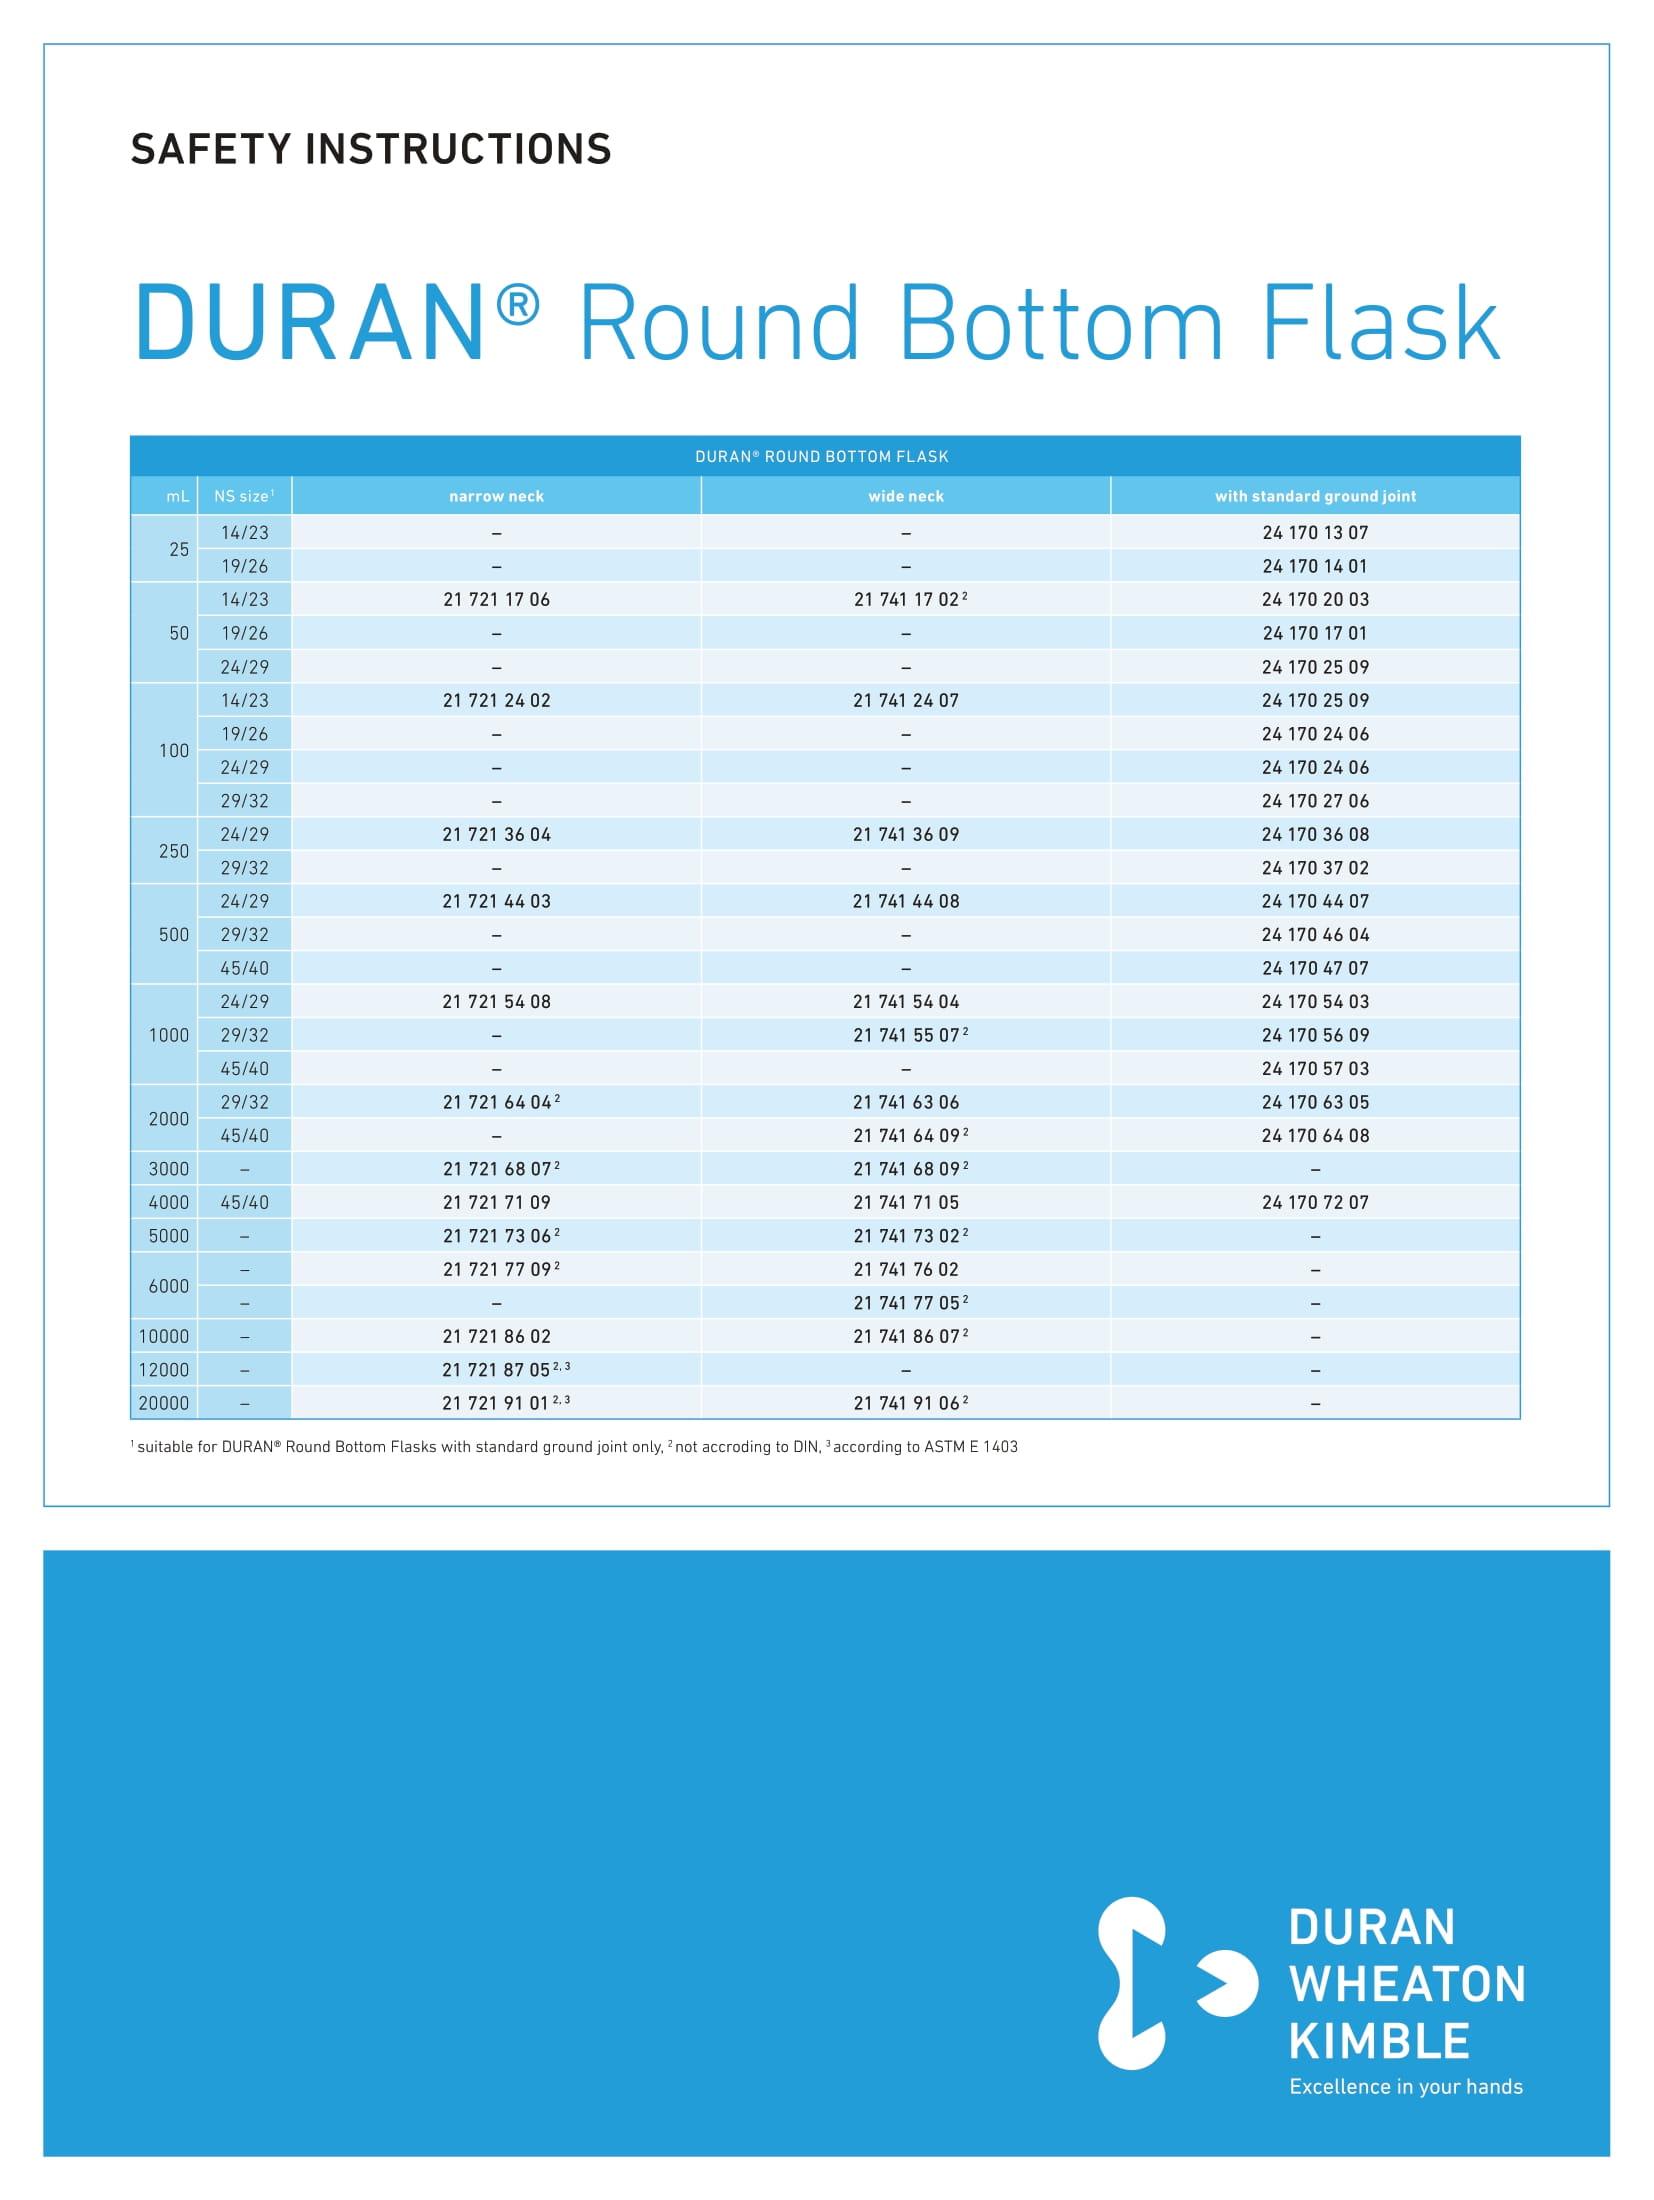 DWK SAFETY INSTRUCTIONS DURAN® Round Bottom Flask